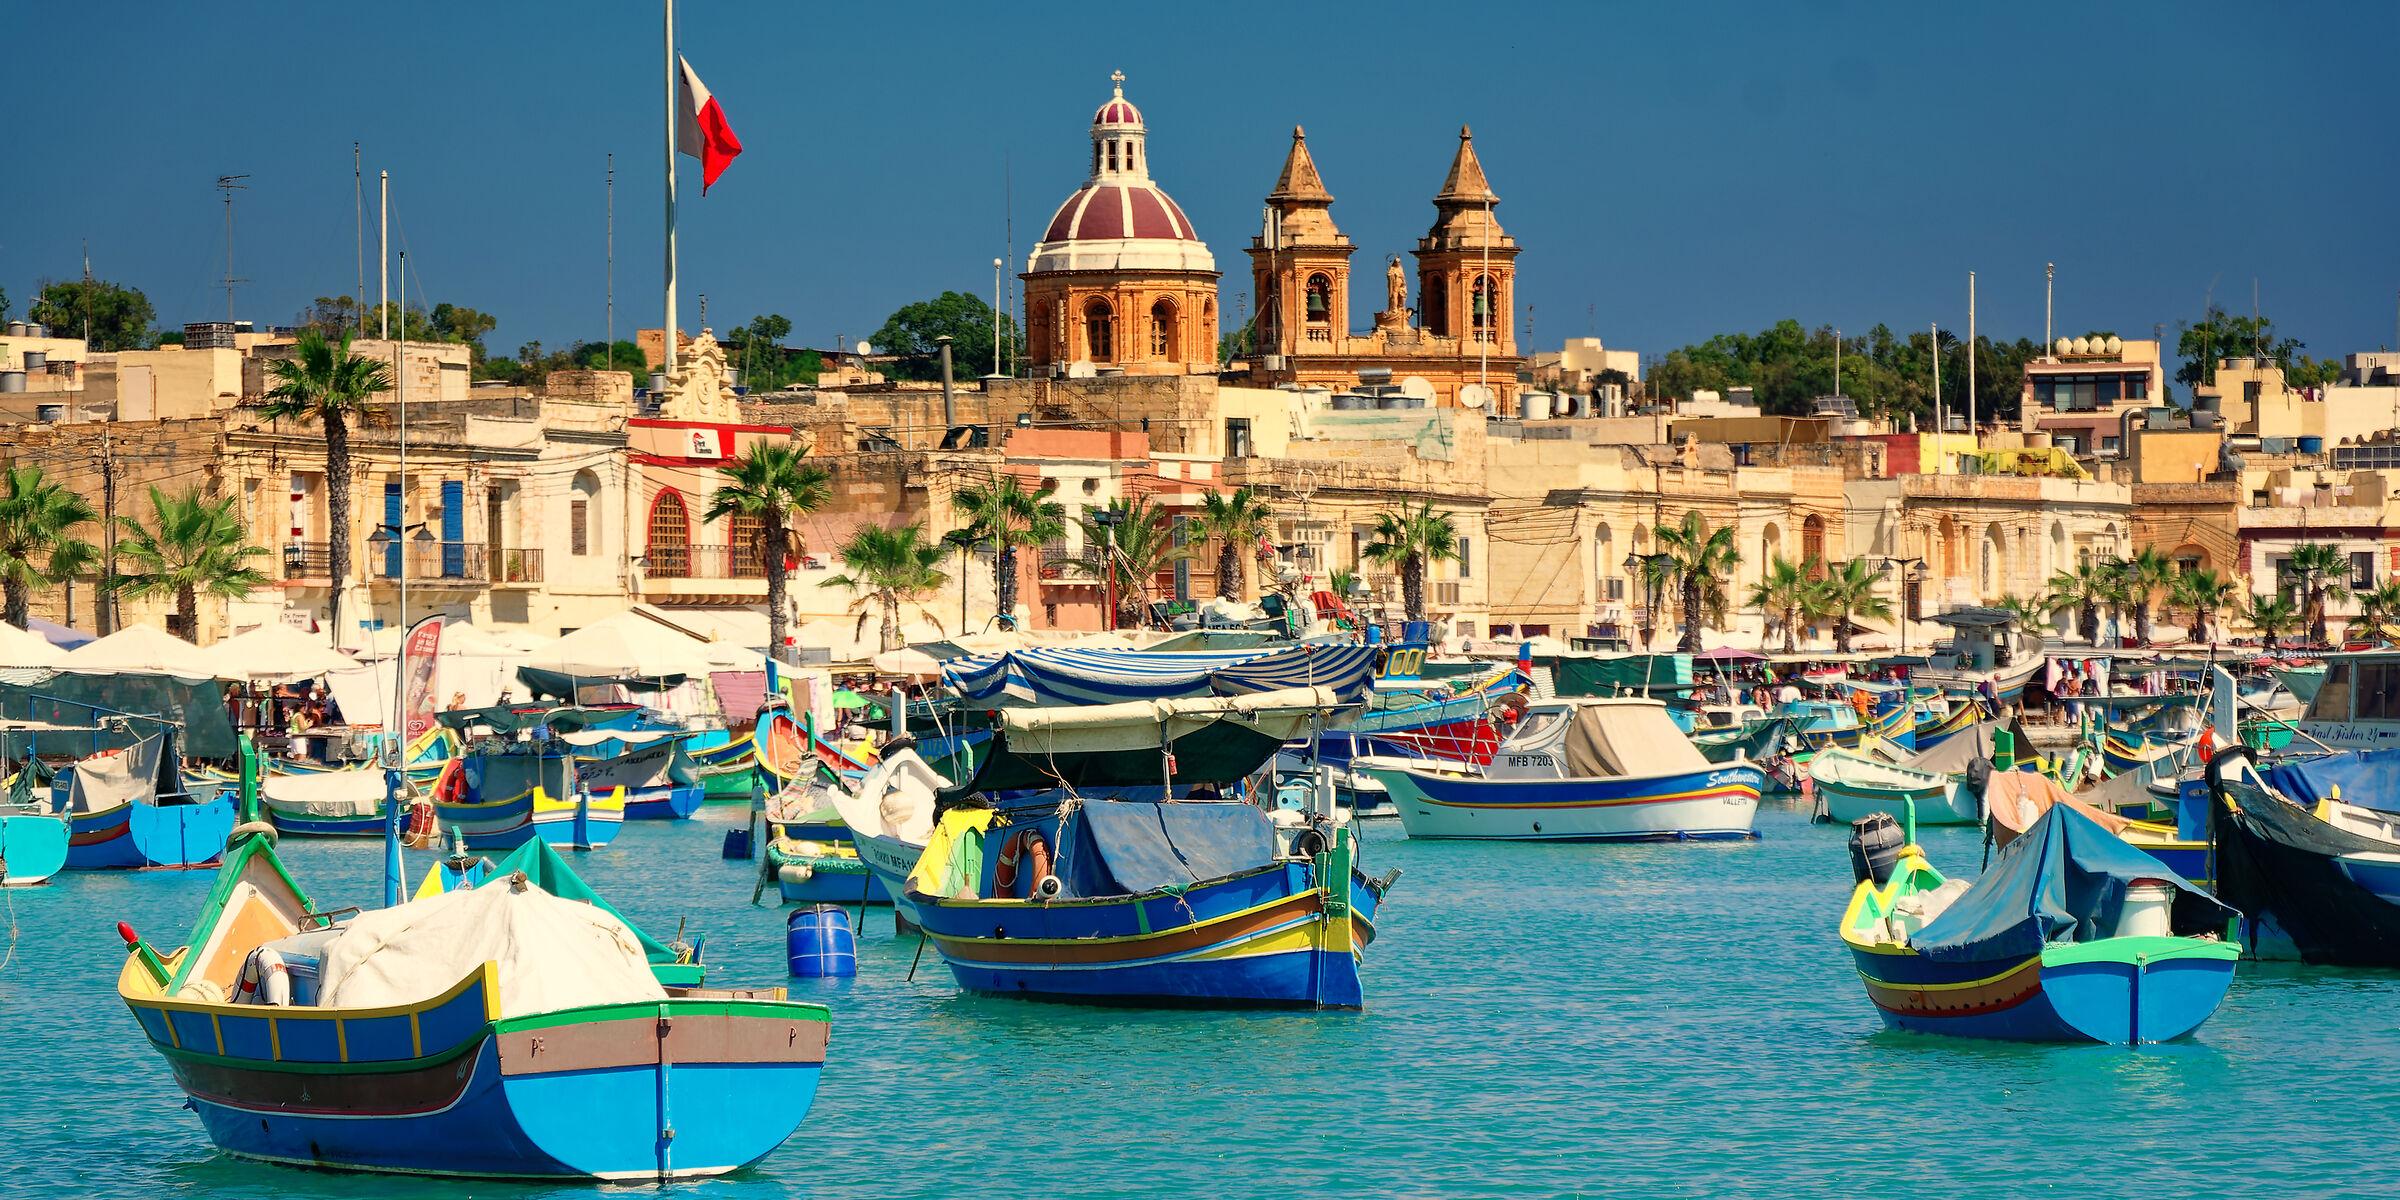 Malta - the port of Marsaxlokk...